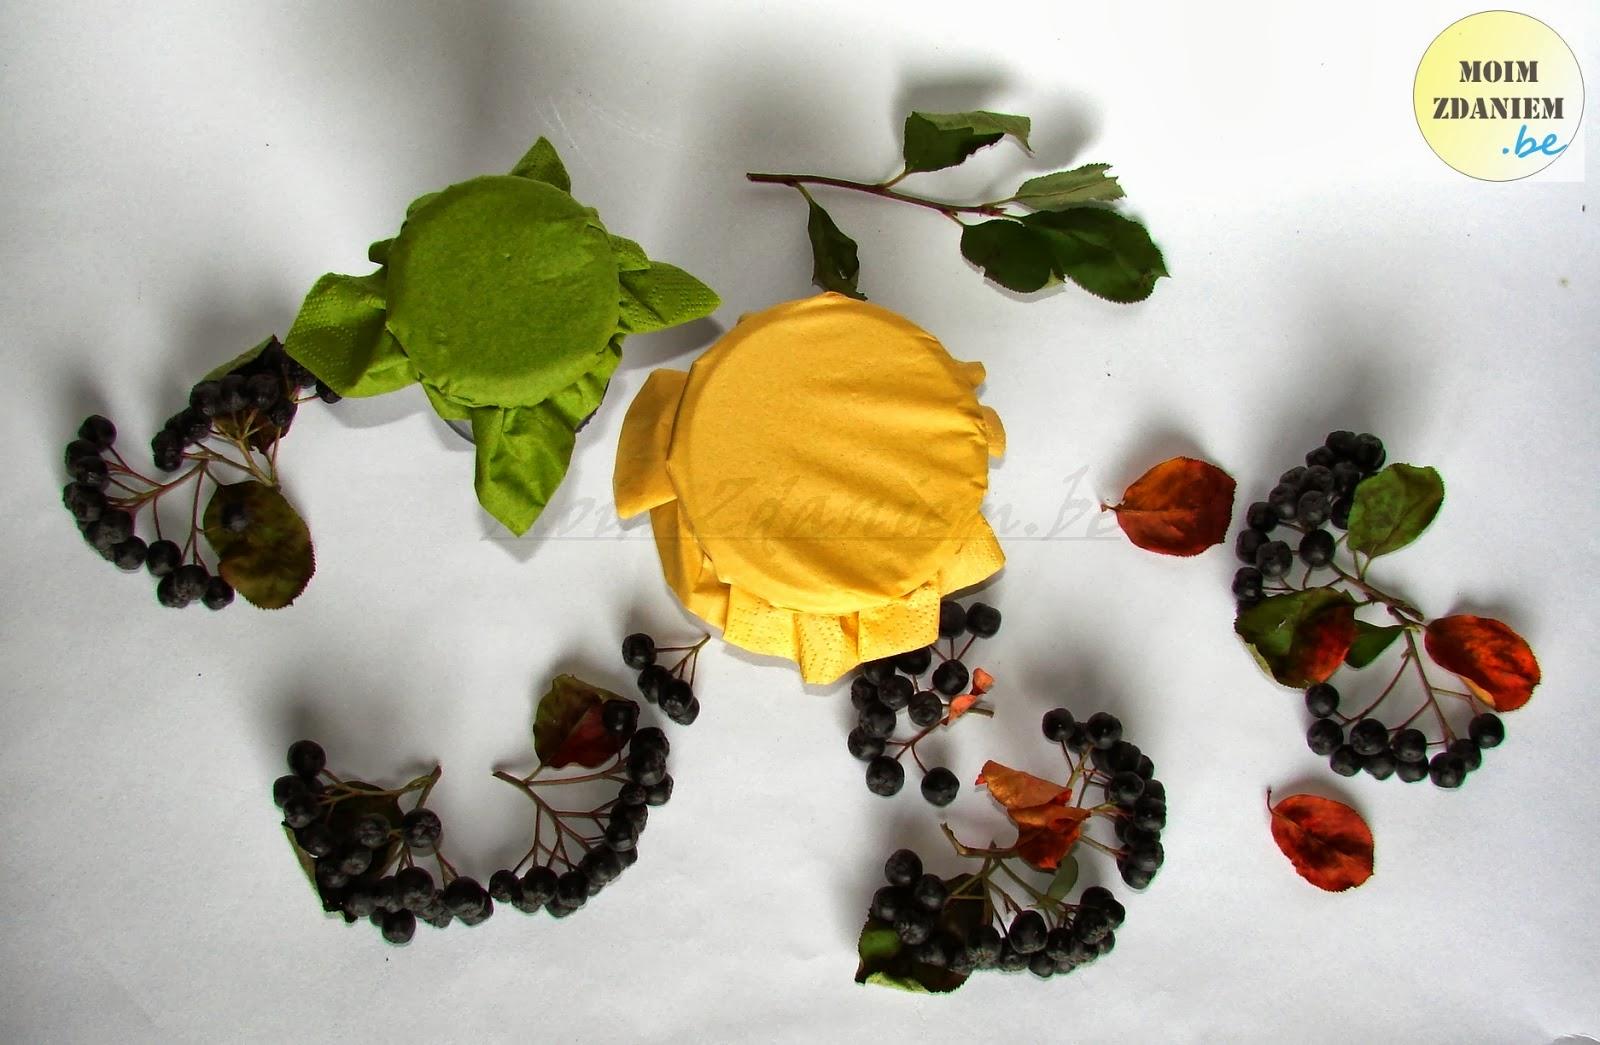 dżem z aronii słoiczki